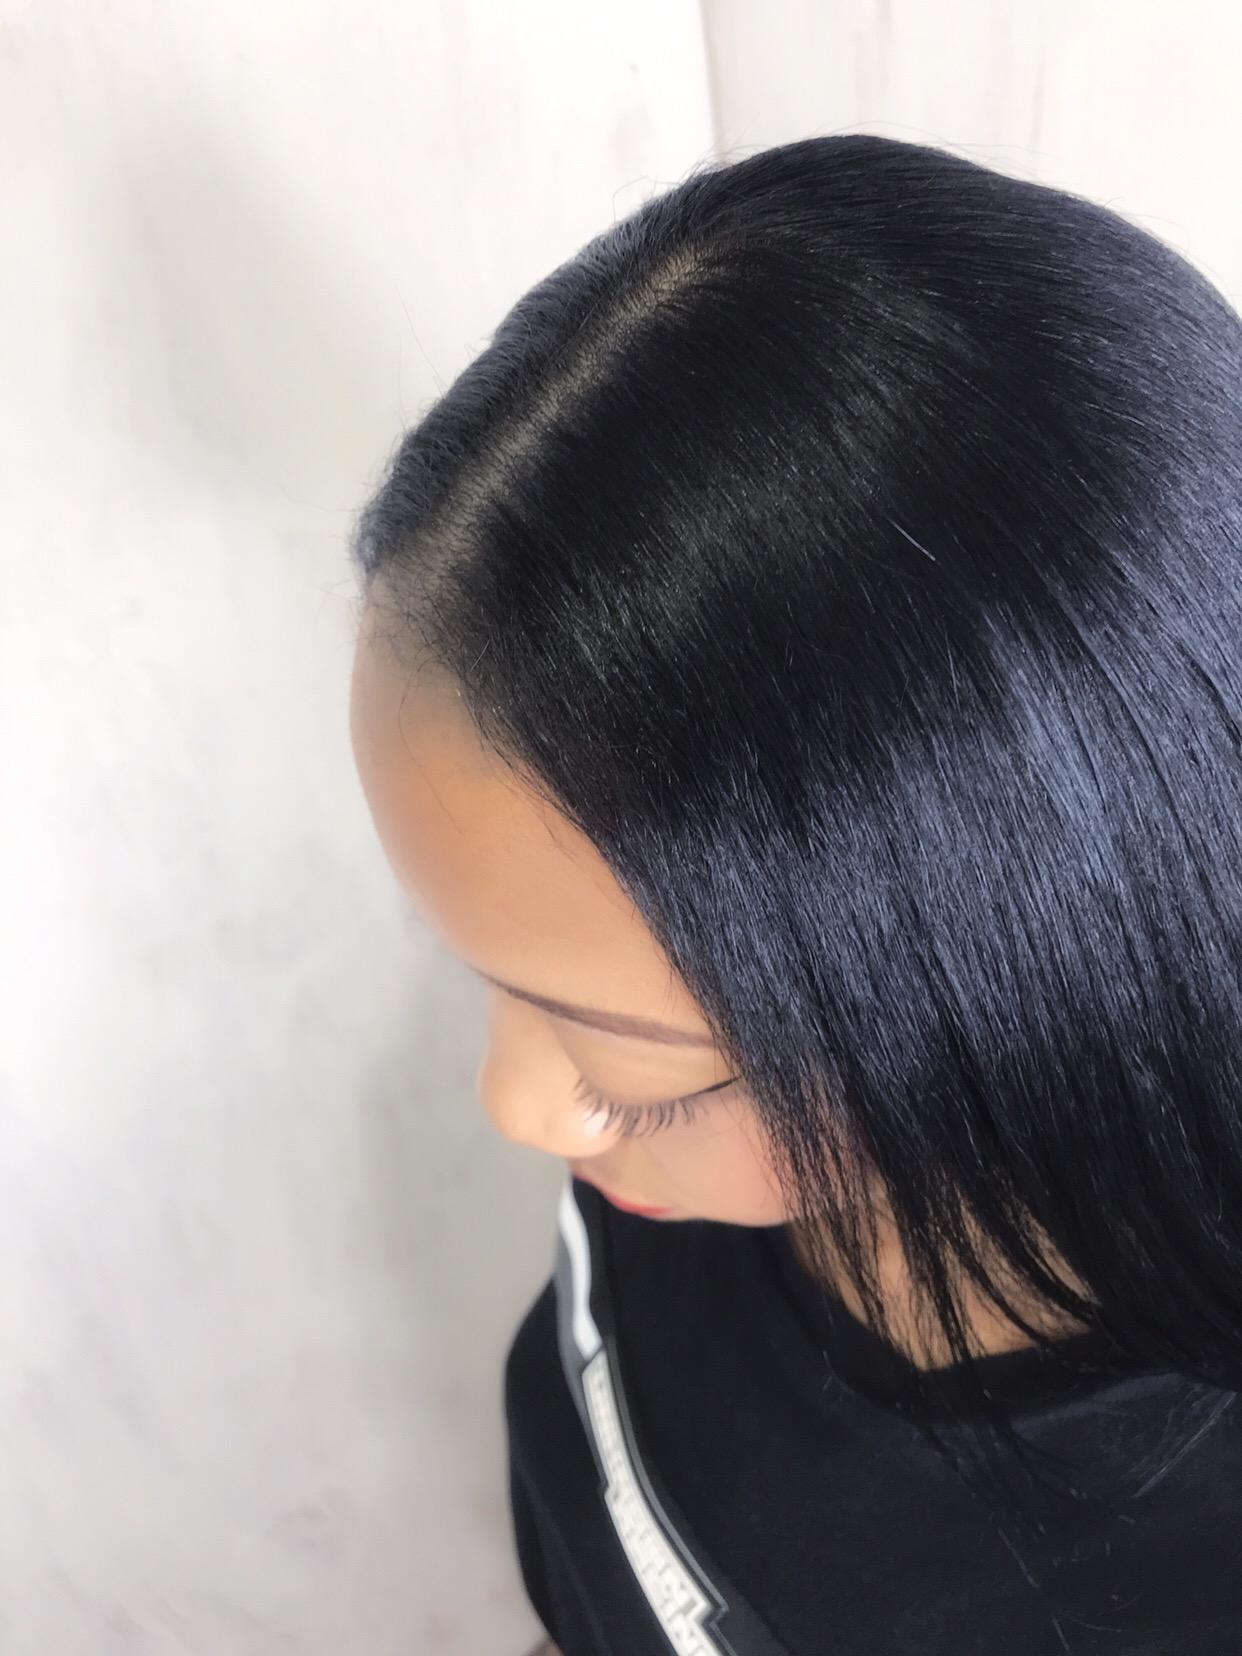 頑固なくせ毛も【ジュエリーシステム×LULUトリートメント×縮毛矯正】で艶髪ストレート。原宿・表参道『1000人をツヤ髪にヘアケア美容師の挑戦』